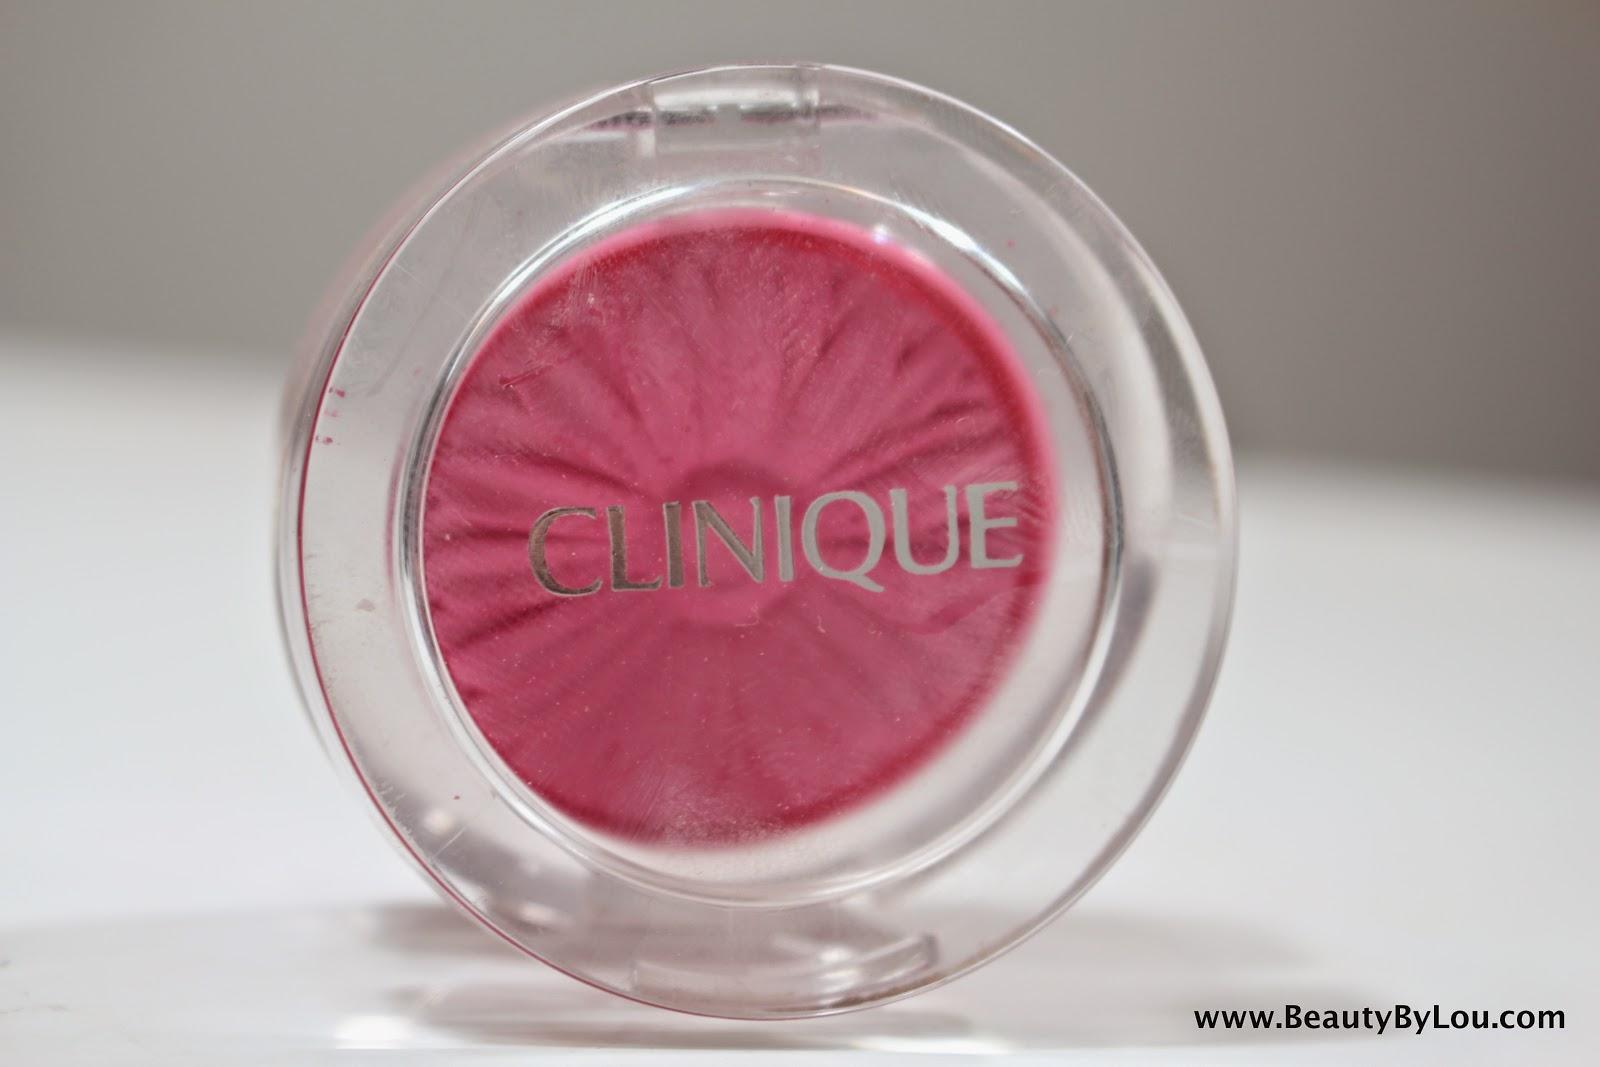 http://www.beautybylou.com/2015/04/revue-avis-cheek-pop-clinique.html